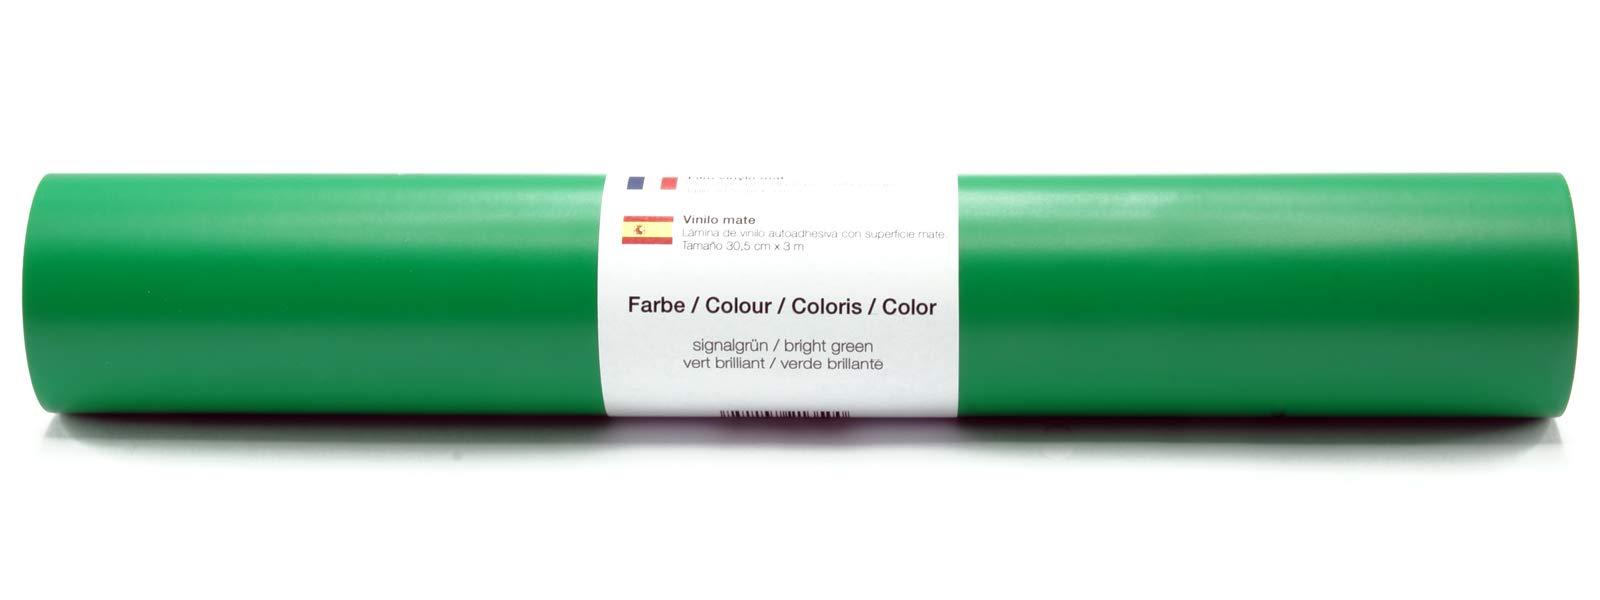 Película autoadhesiva para tatuajes/plotter de pared Película de vinilo mate 30,5 cm x 3 m - selección de color, color: verde brillante: Amazon.es: Hogar